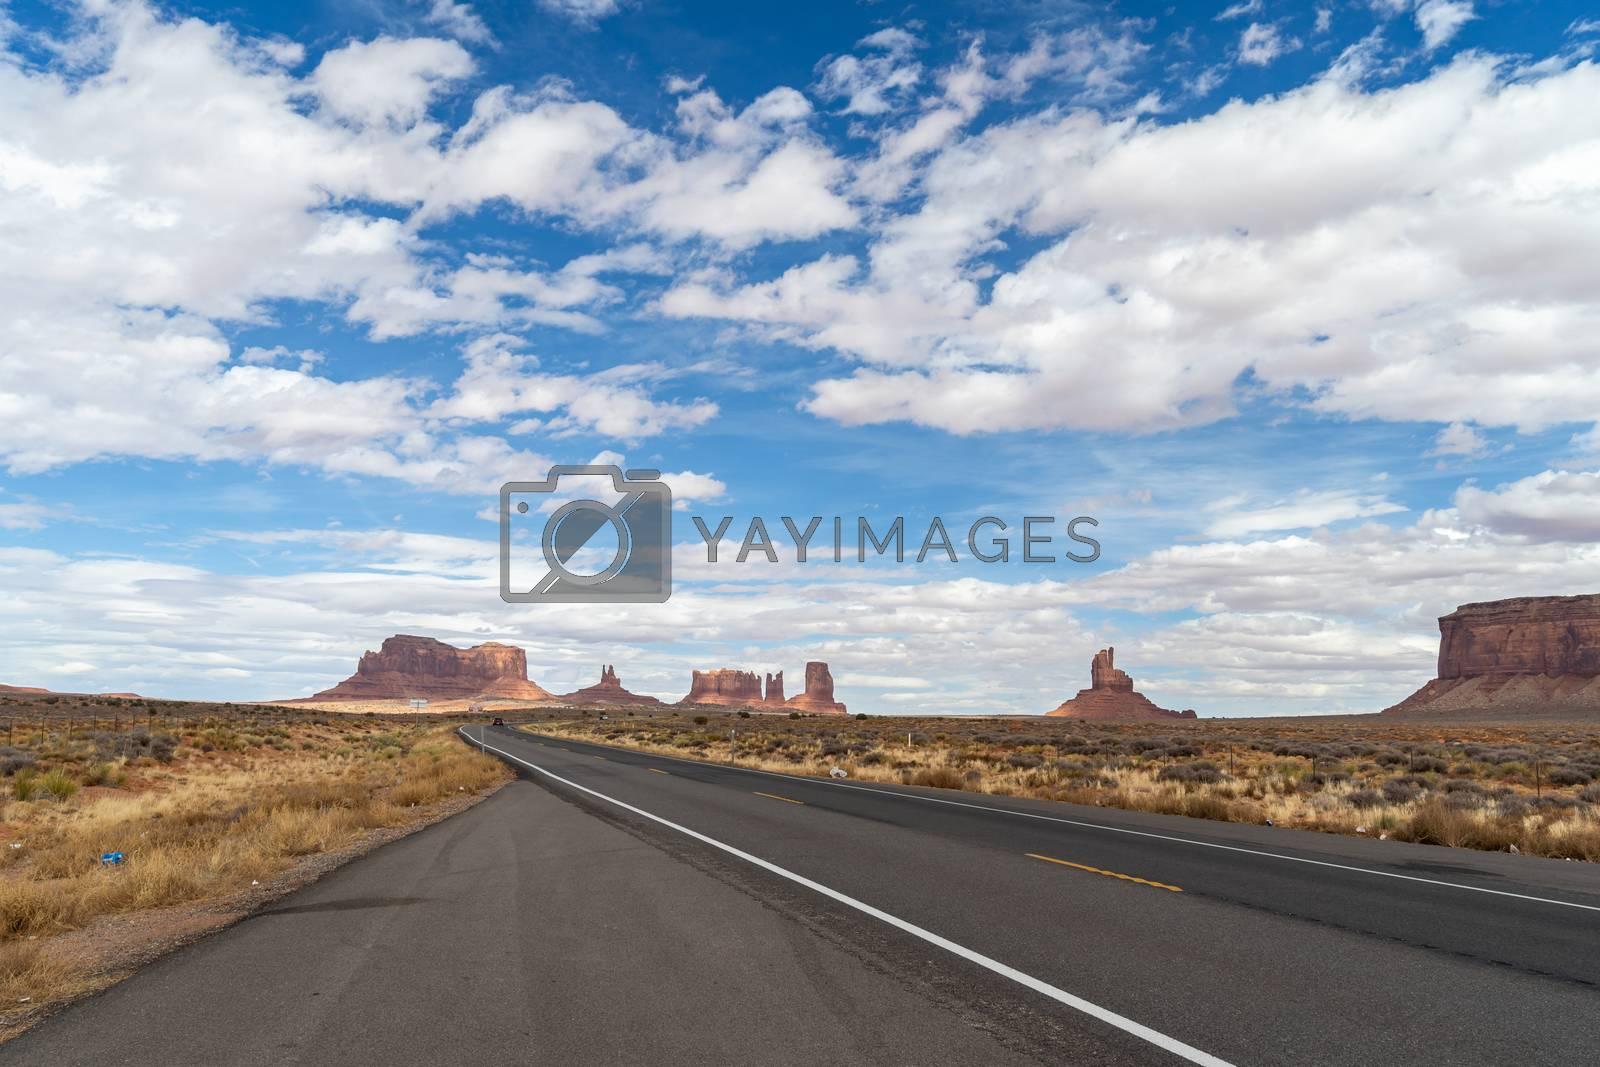 Monument Valley Navajo Tribal Park in Utah USA